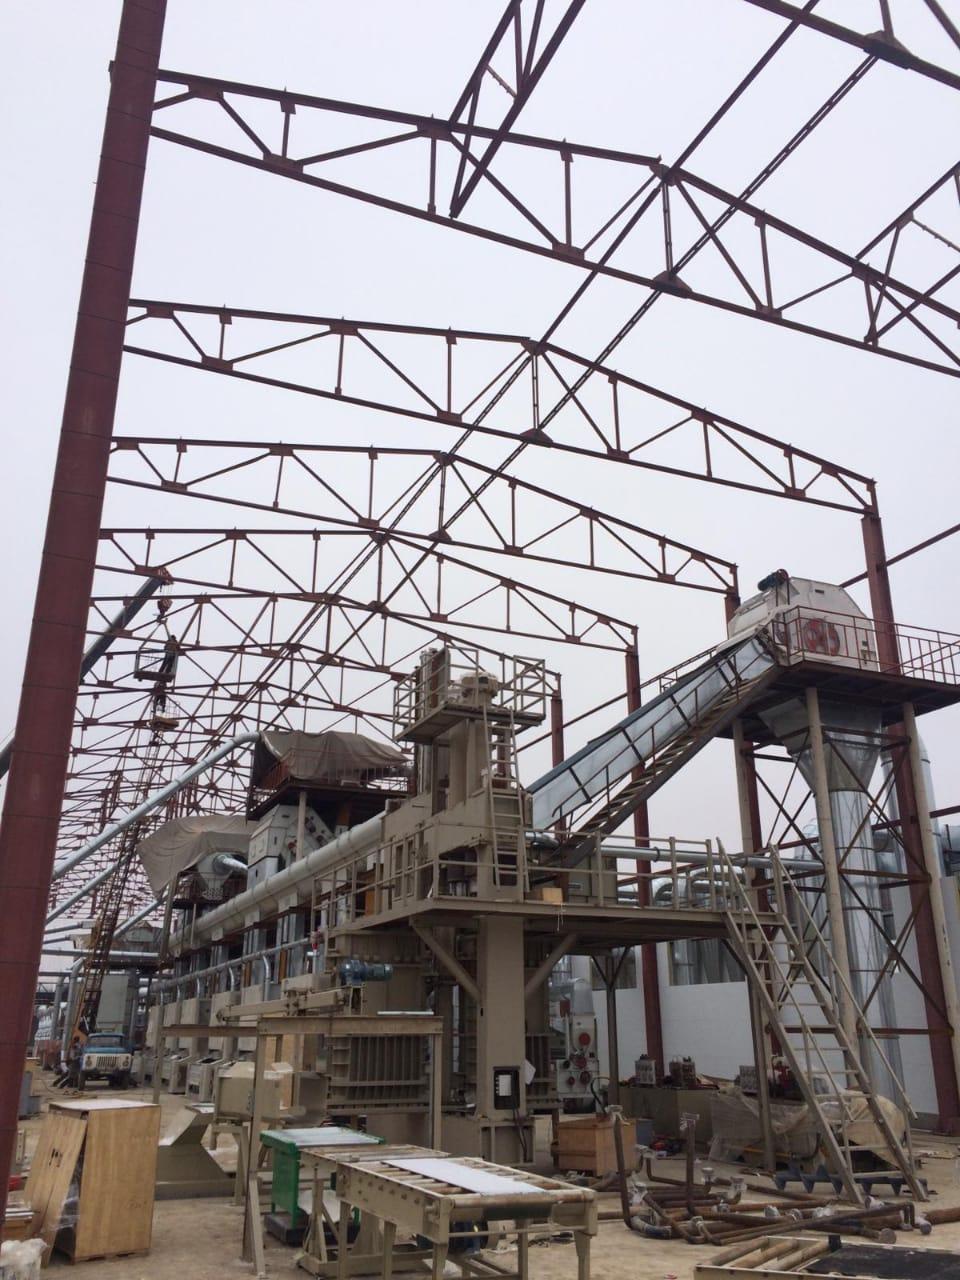 Два хлопкоперерабатывающих завода общей стоимостью более 6 млрд. тенге строят в Туркестанской области